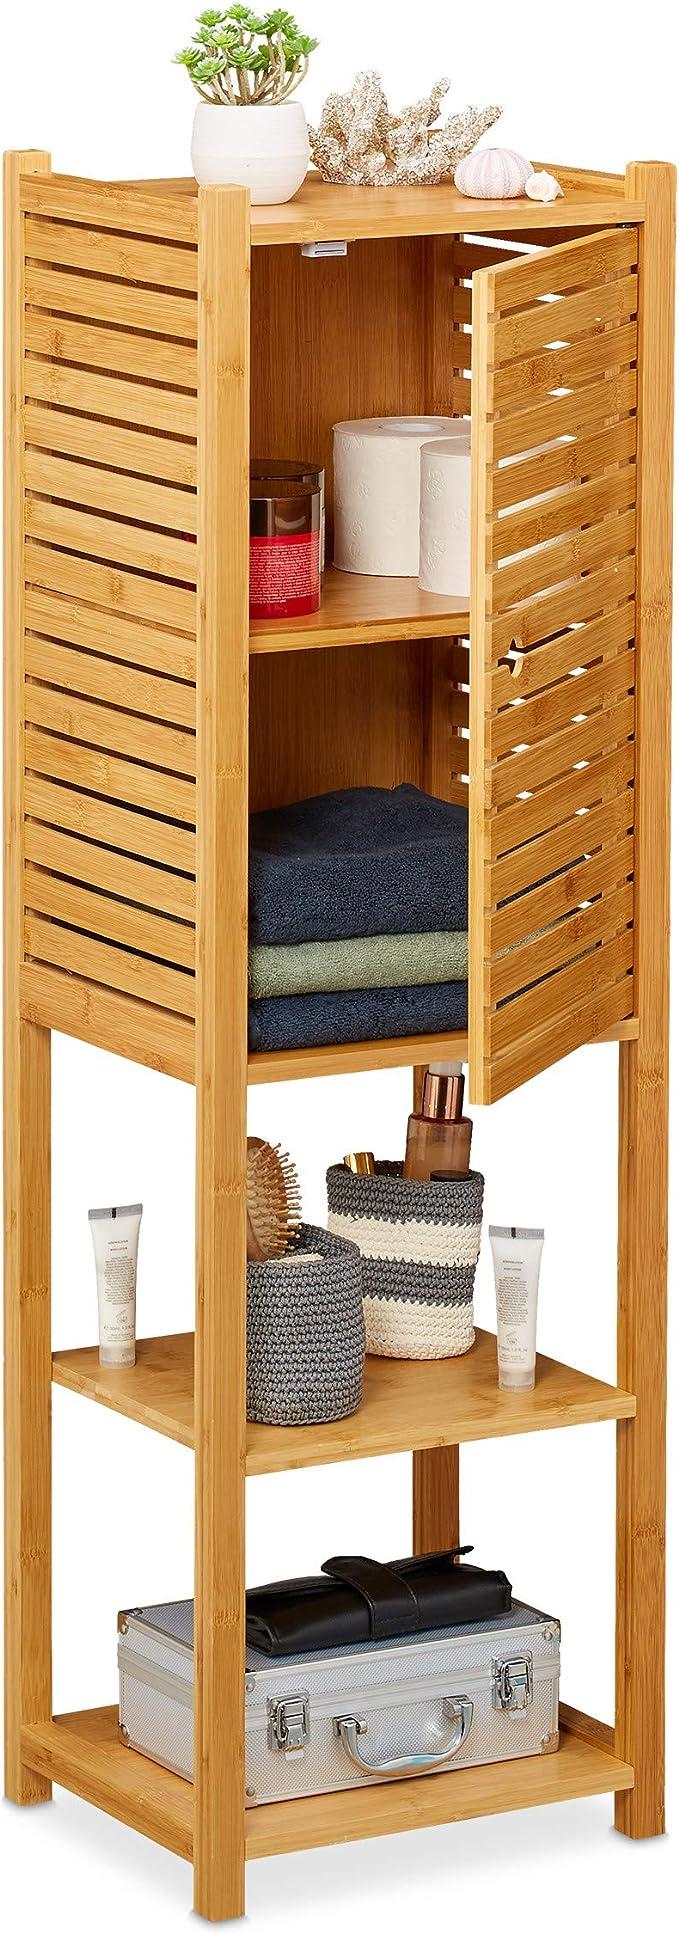 Relaxdays Badregal aus Bambus, 20 Böden, mit Tür, stehend, Bad ...